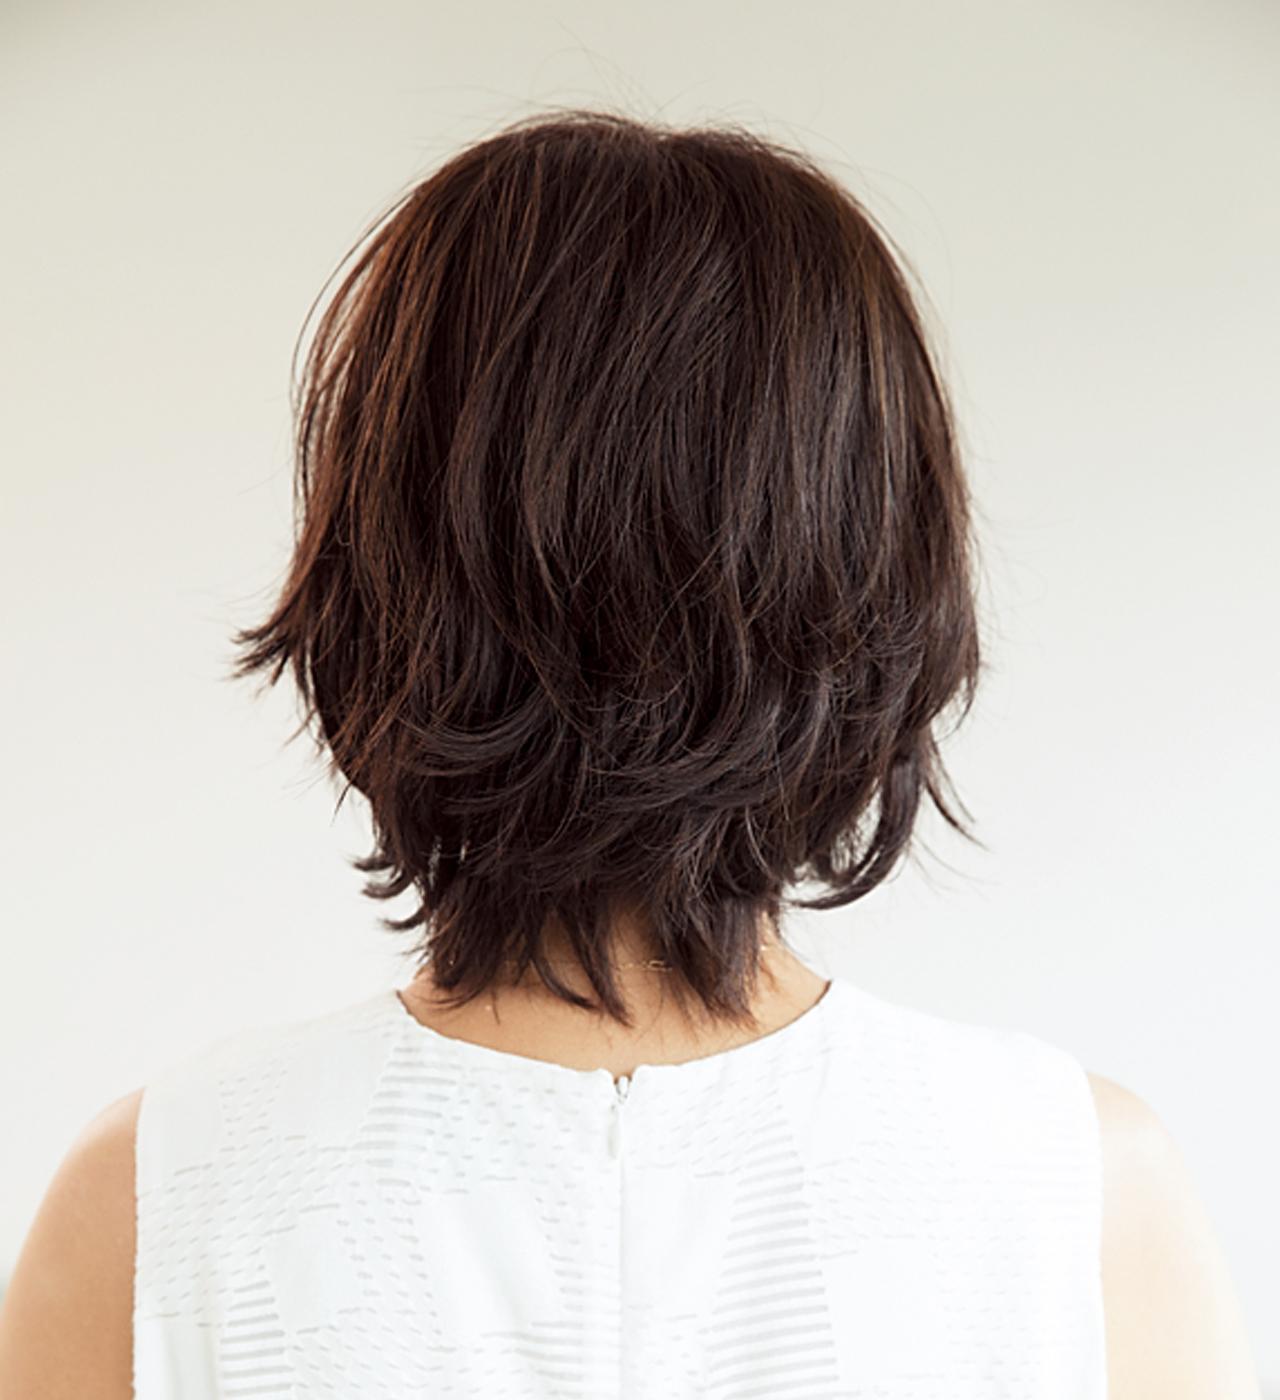 トレンドの「外ハネ」は 短めヘアが取り入れやすい【40代のボブヘア】_1_3